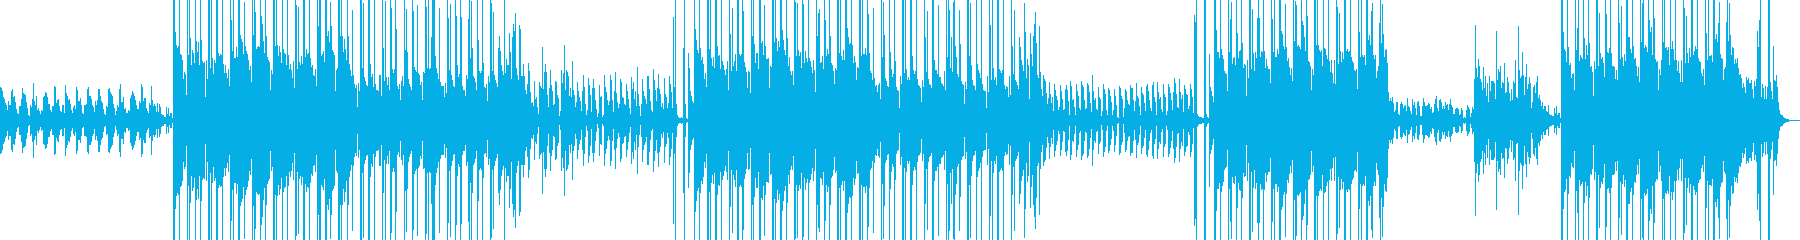 ハロウィン・ヒップホップ・ホラー・幽霊の再生済みの波形